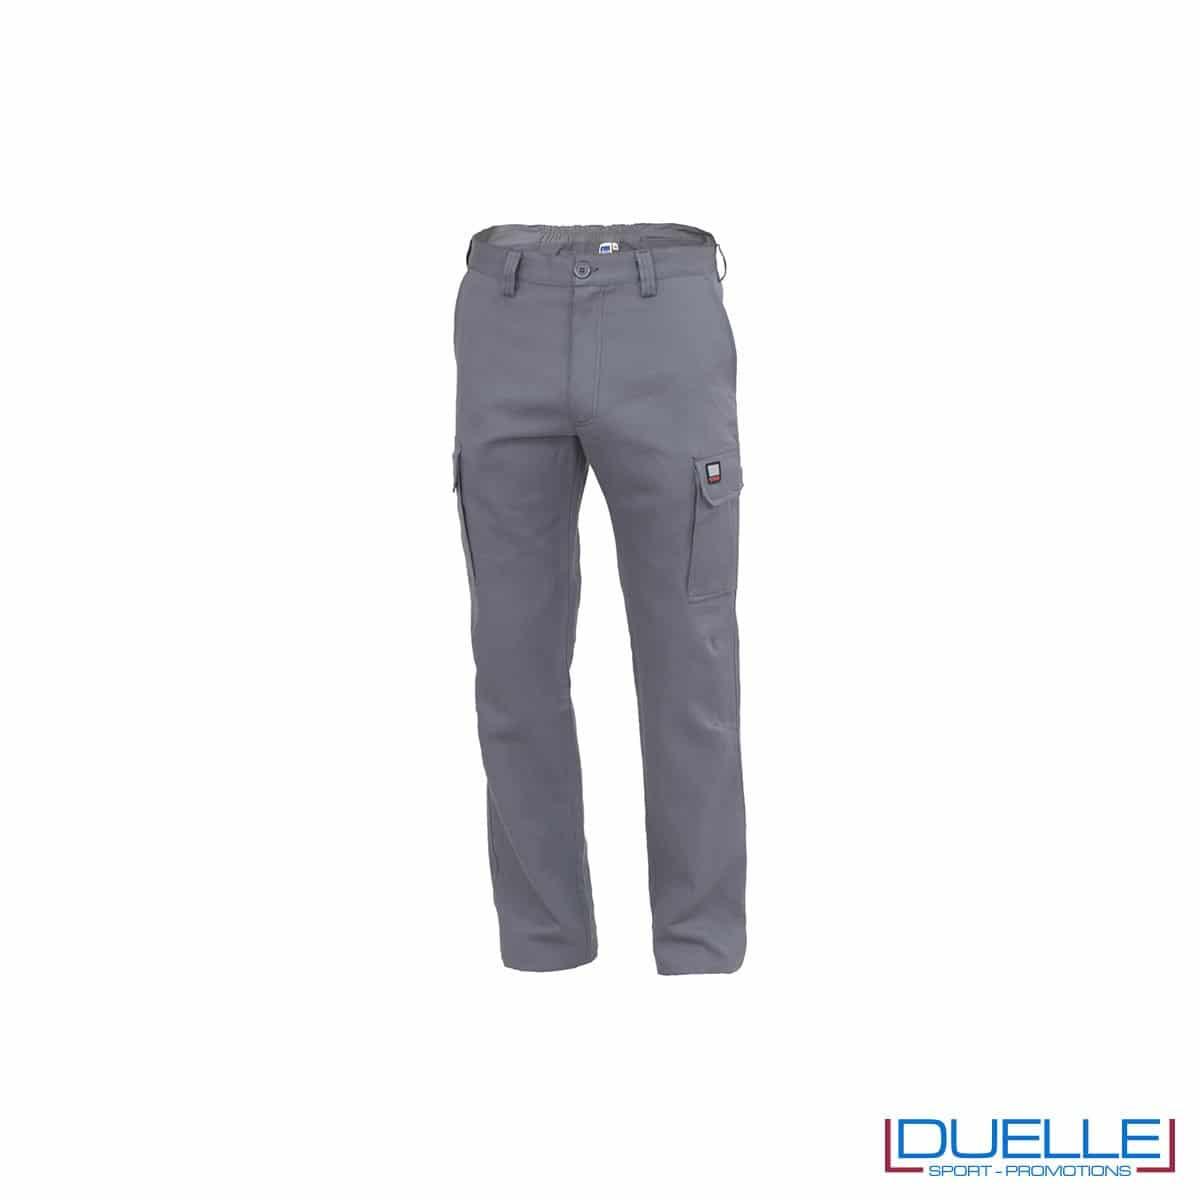 Pantalone da lavoro personalizzato AMSTERDAM colore grigio